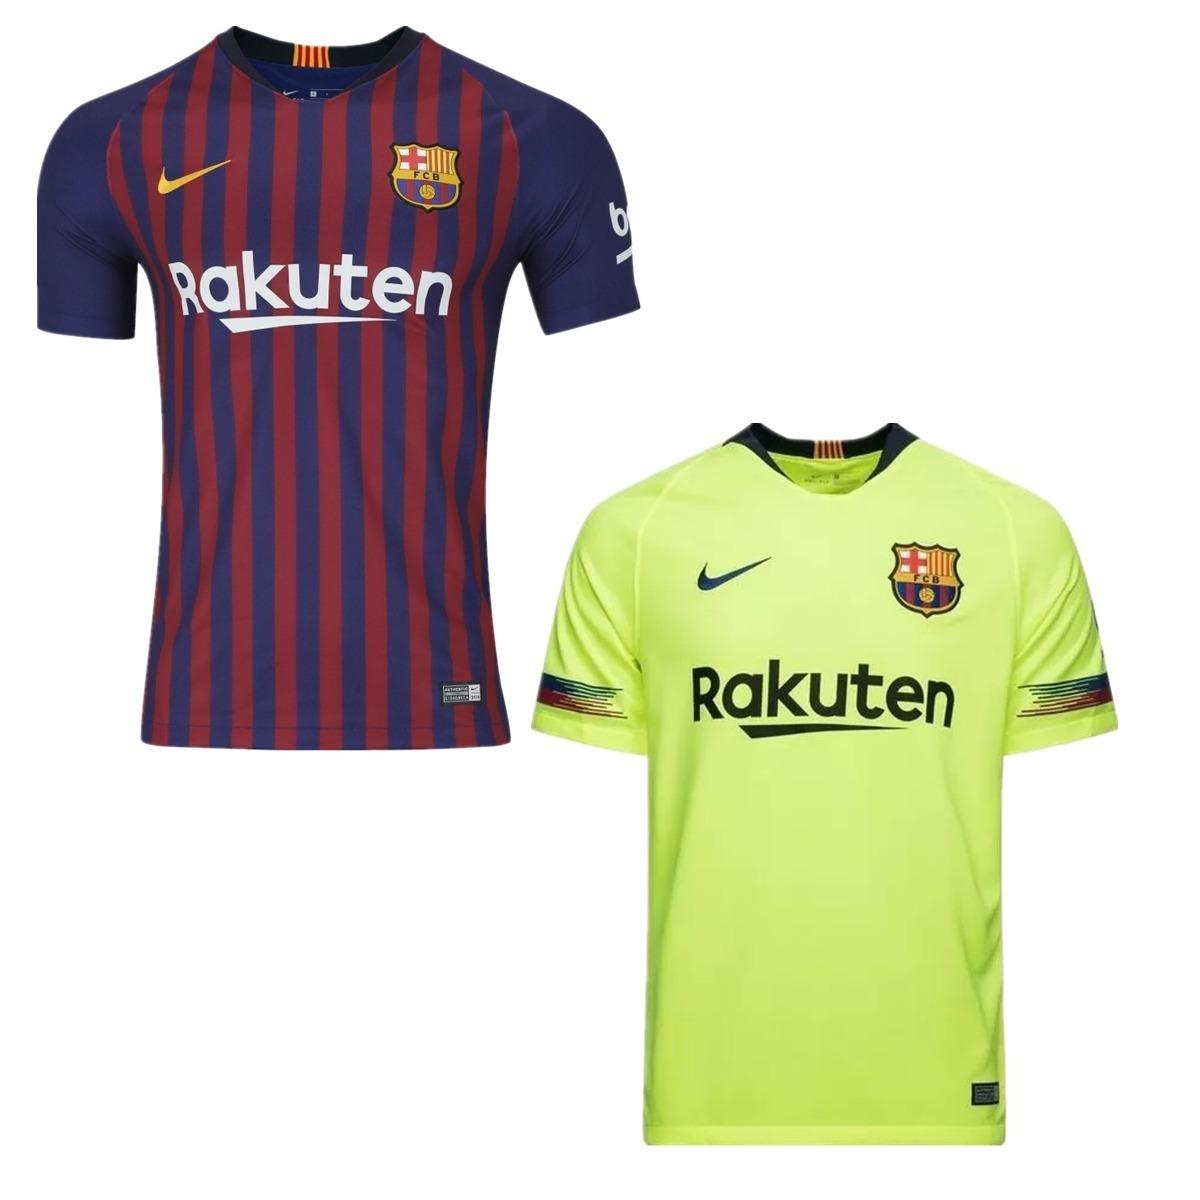 camisa do barcelona original barça lançamento eurocopa. Carregando zoom. 45b668cc60fa6